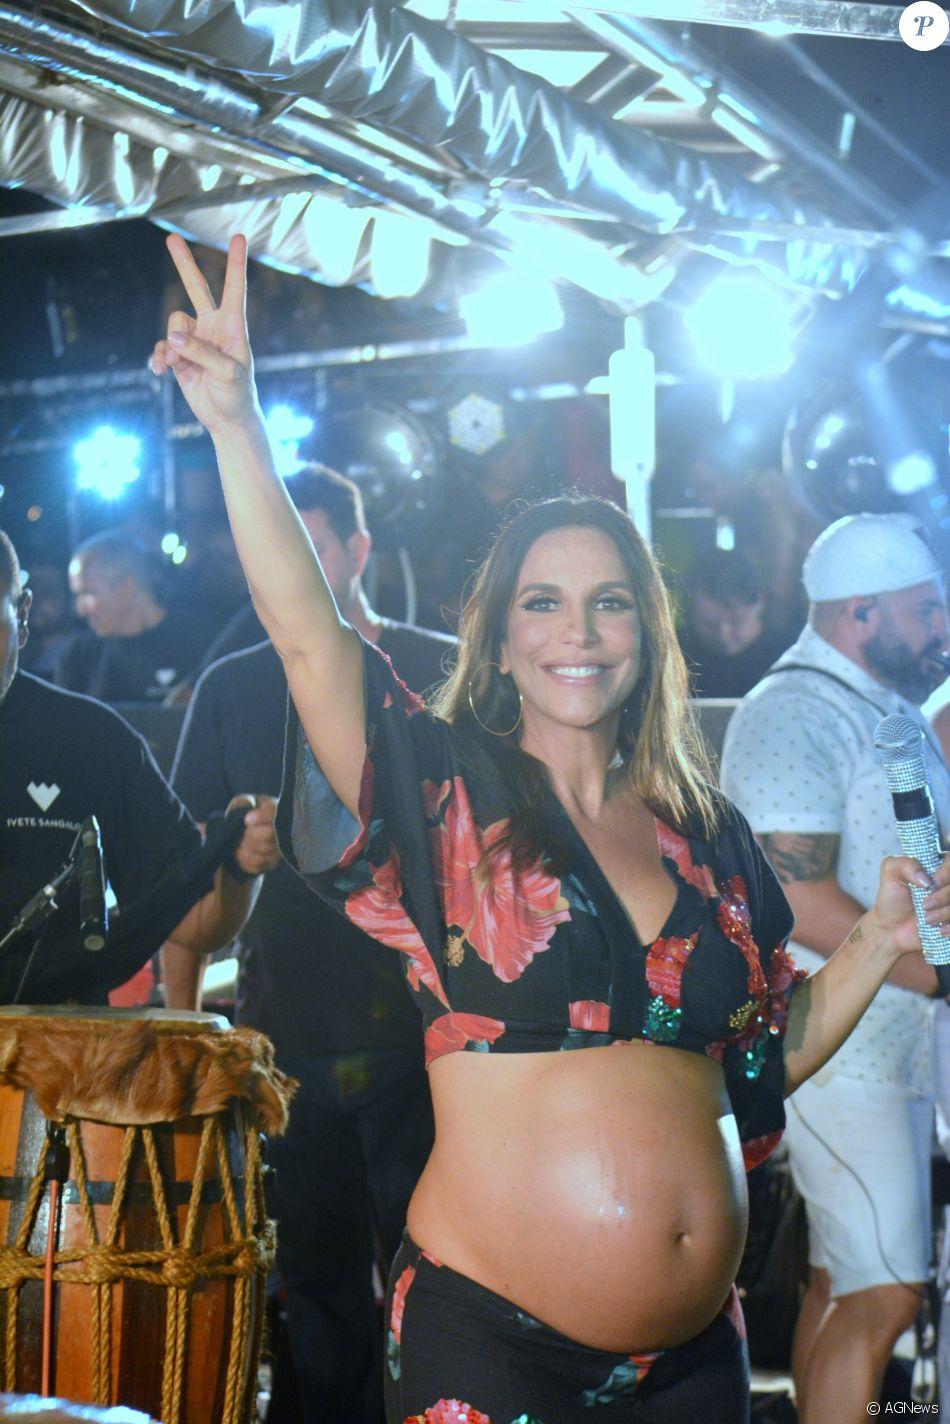 Grávida, Ivete Sangalo já vende ingressos para bloco em Carnaval 2019, como anunciou em seu Instagram nesta segunda-feira, dia 18 de dezembro de 2017